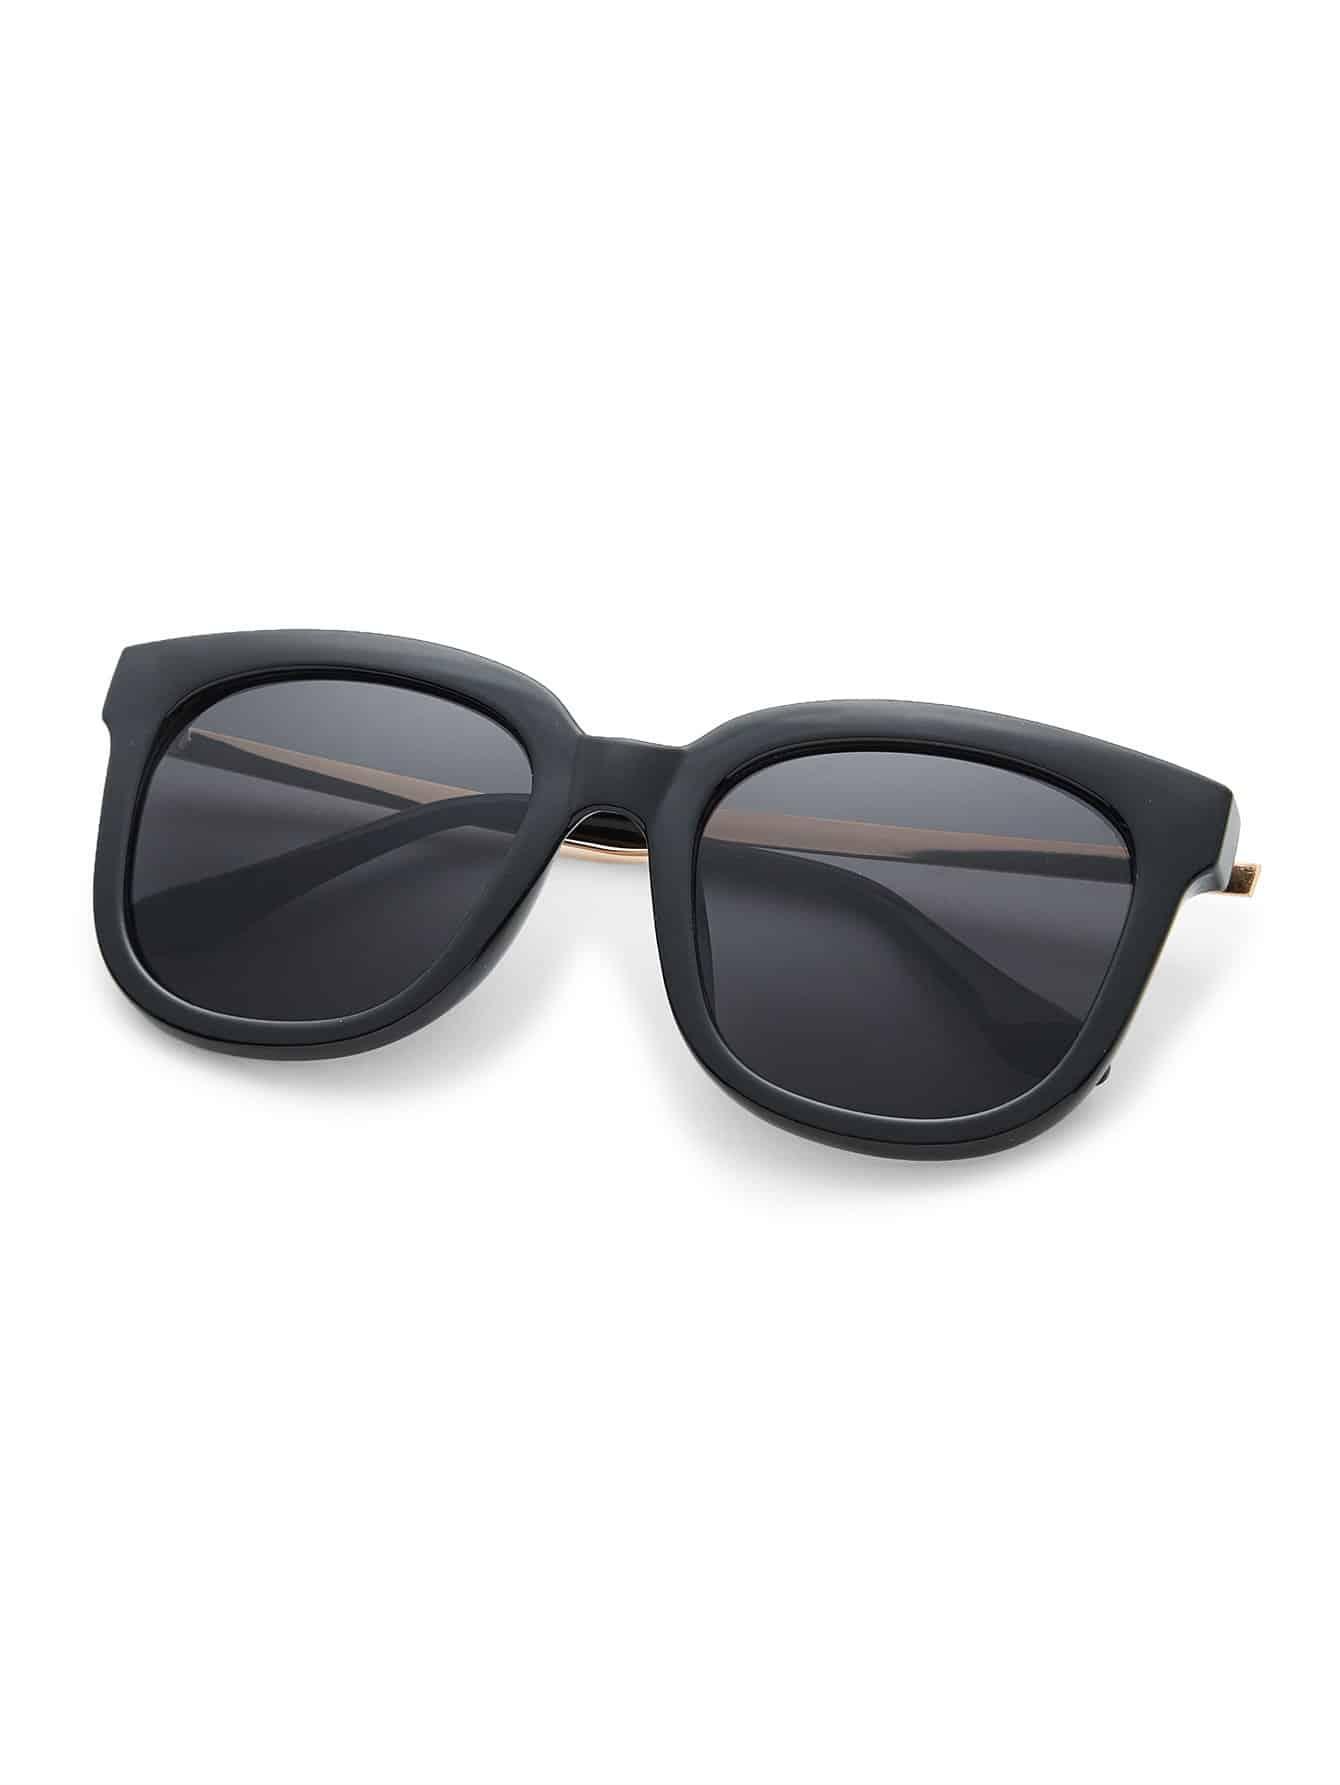 Übergroße Sonnenbrille quadratisch und im Retro Look- German romwe